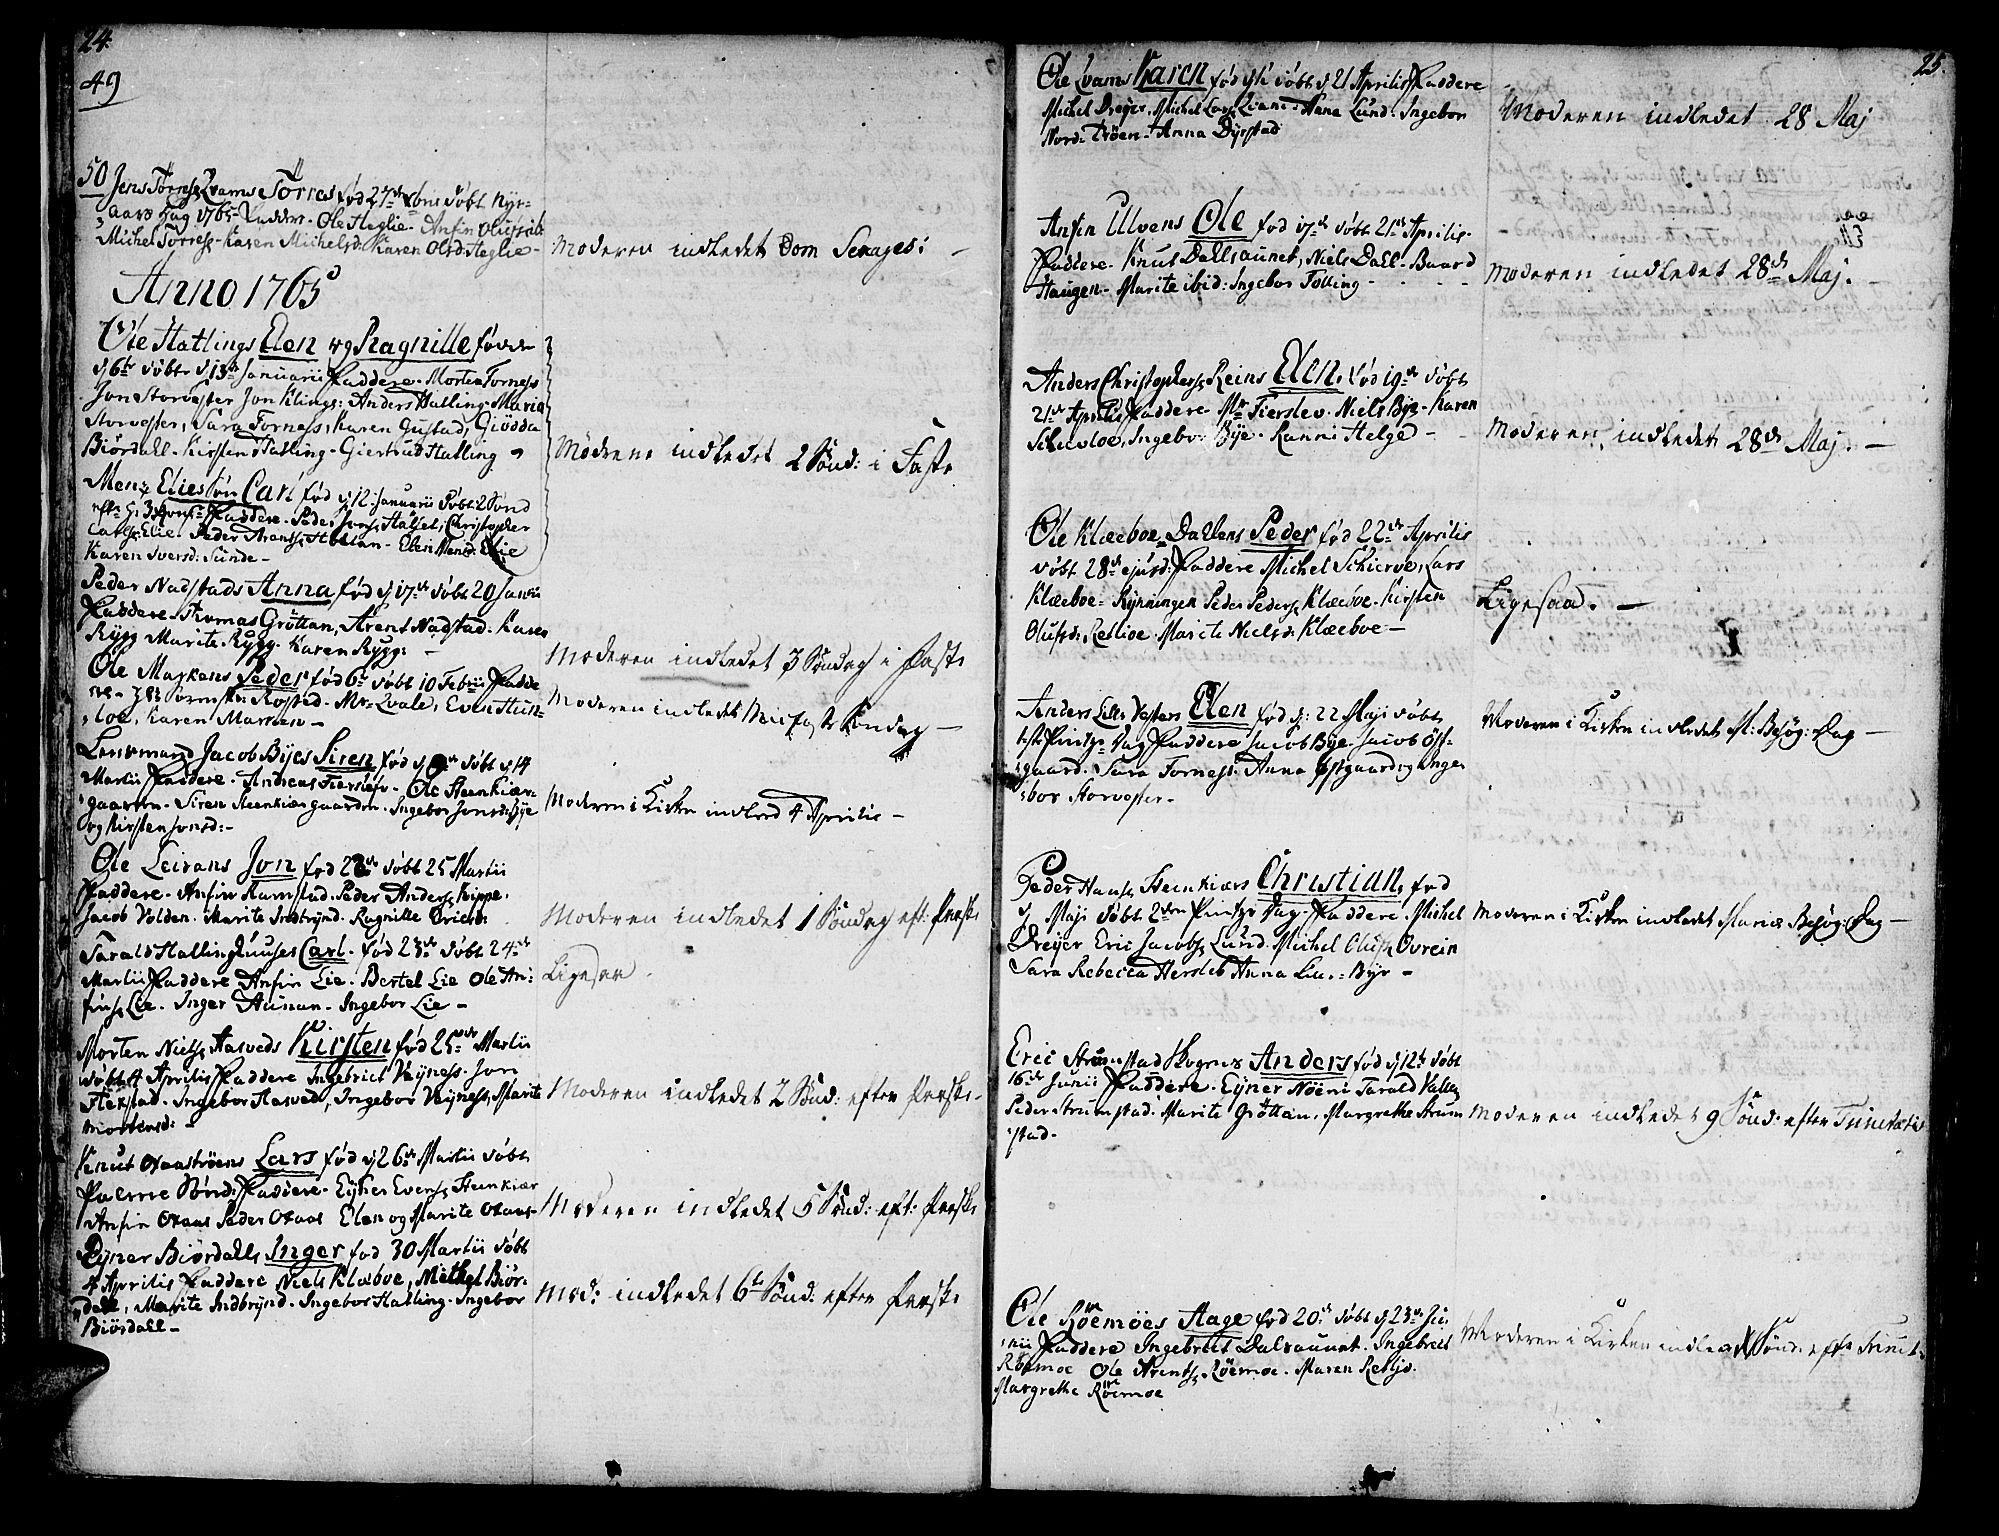 SAT, Ministerialprotokoller, klokkerbøker og fødselsregistre - Nord-Trøndelag, 746/L0440: Ministerialbok nr. 746A02, 1760-1815, s. 24-25